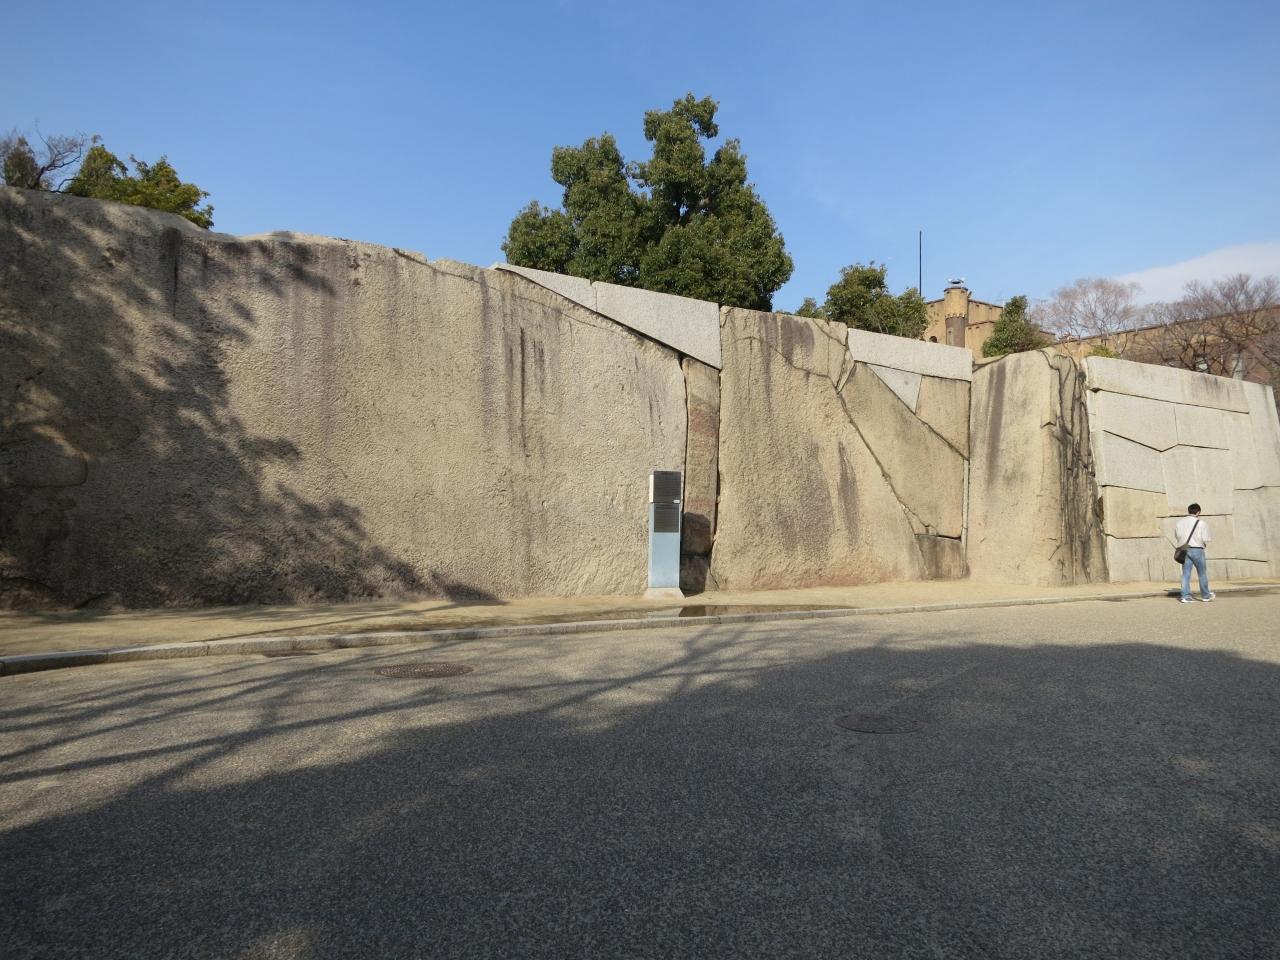 大阪城の巨石と言うと有名ですよね・・・・・どうやって来たのかとか!!知りたいよね!!